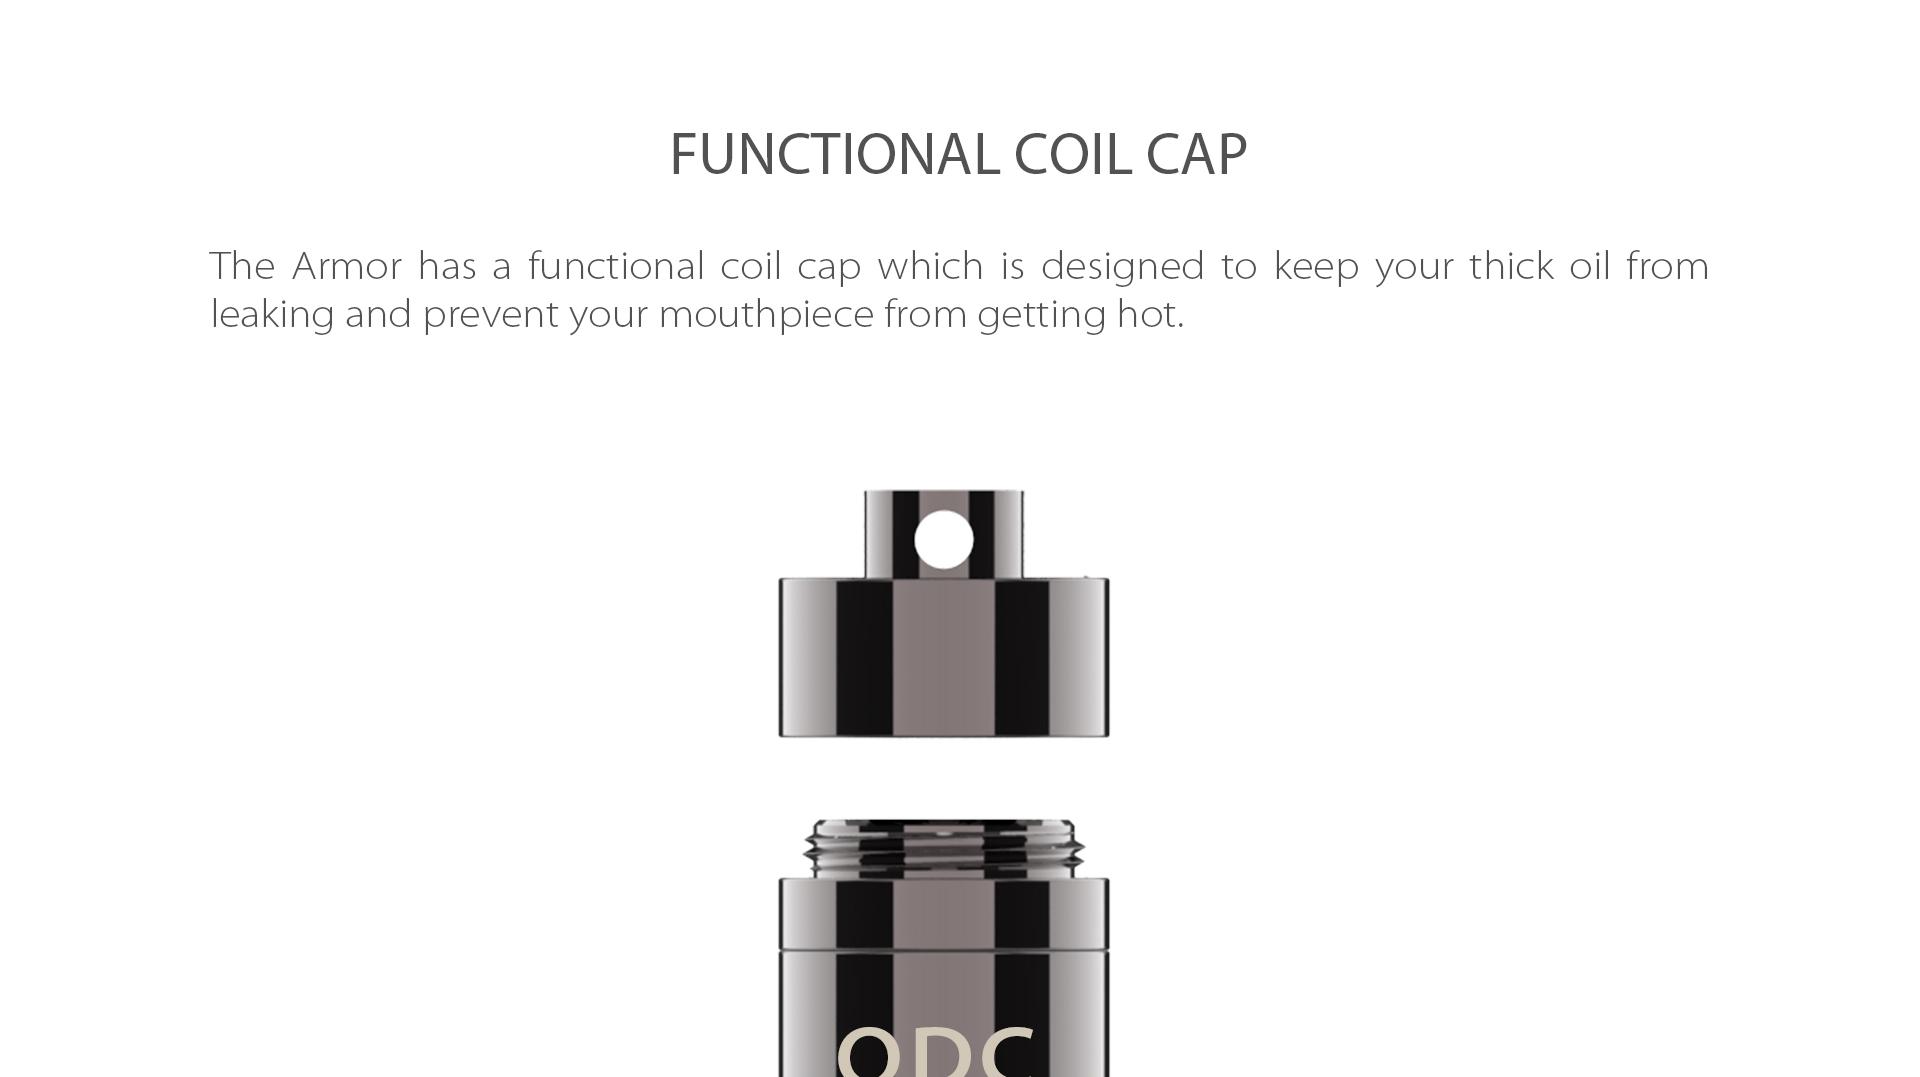 Yocan Armor Vaporizer pen has a functional coil cap.